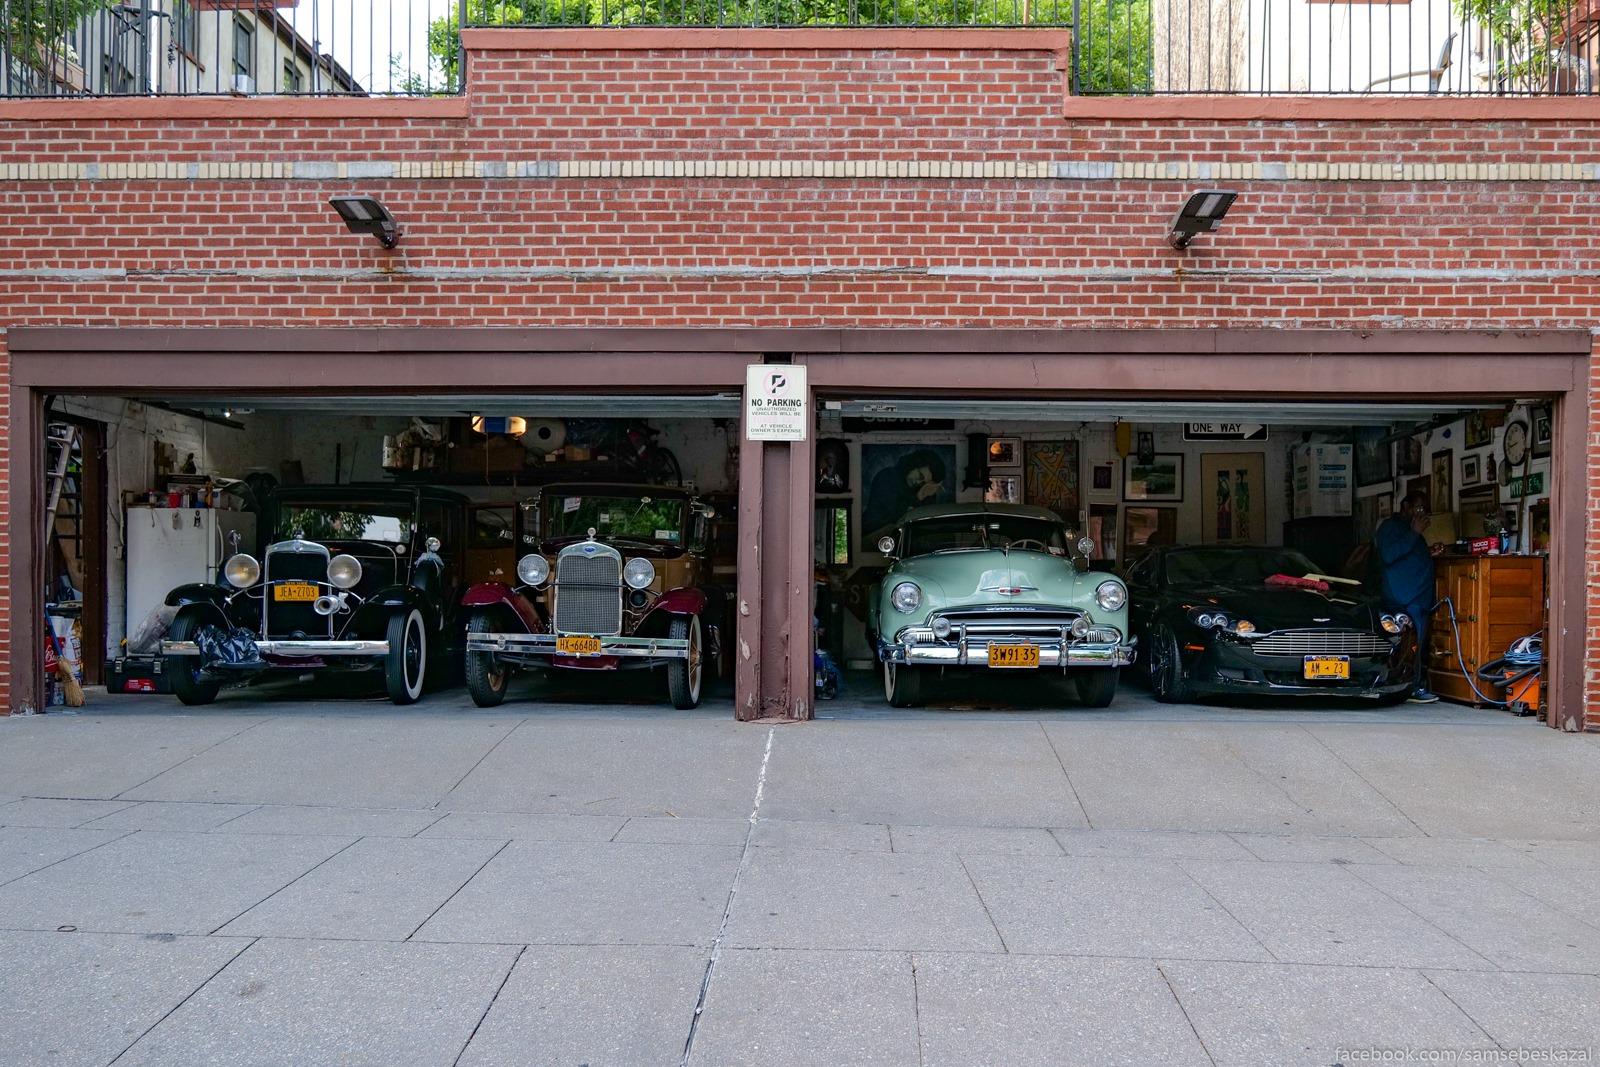 Garaz v Bed-Staj, Bruklin.